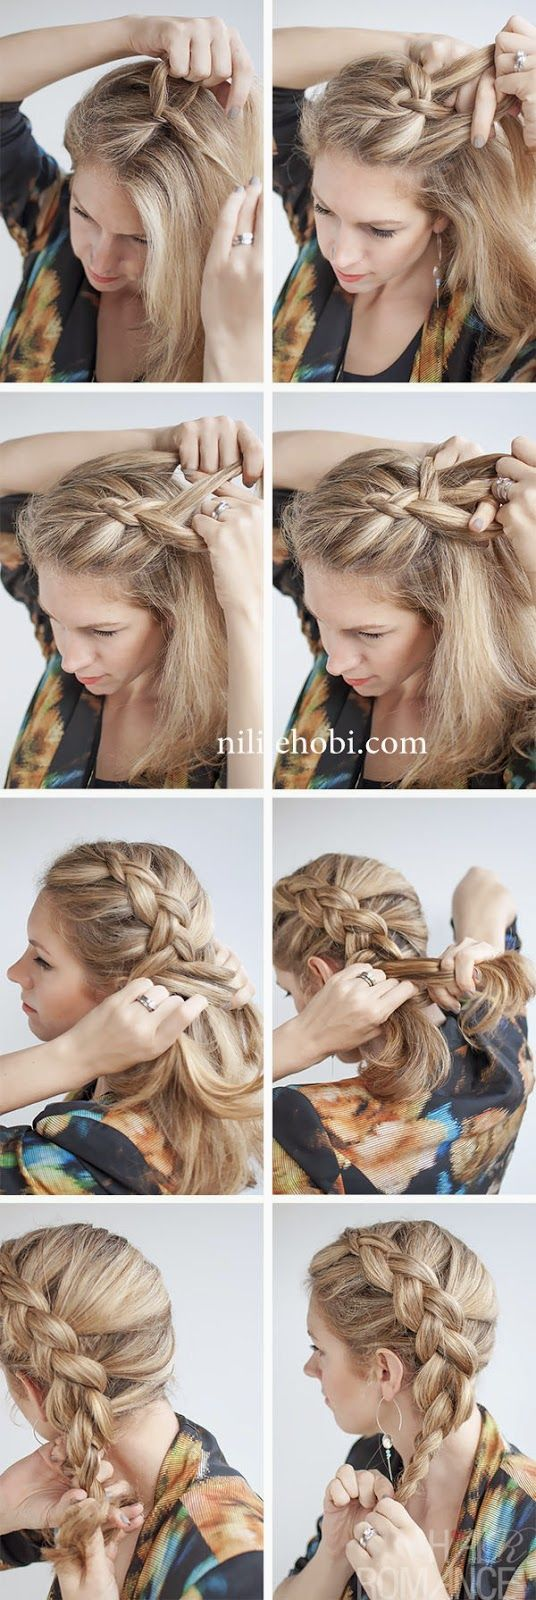 5 Dakikada Yapılabilecek Pratik Şık Saç Modelleri